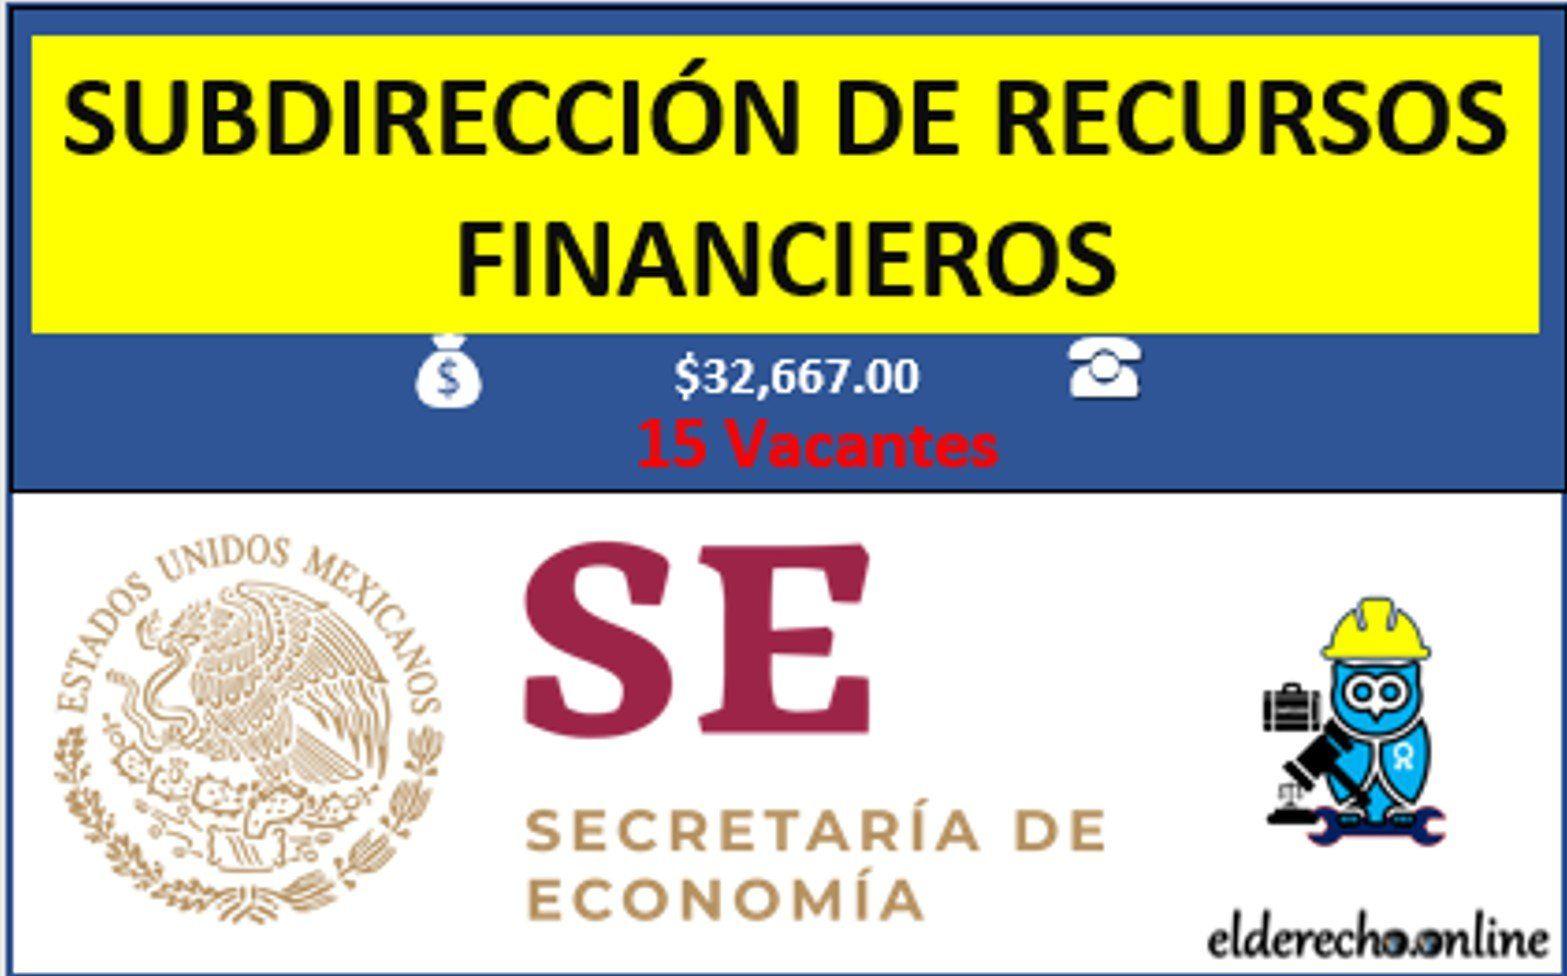 Photo of Subdirección de Recursos Financieros